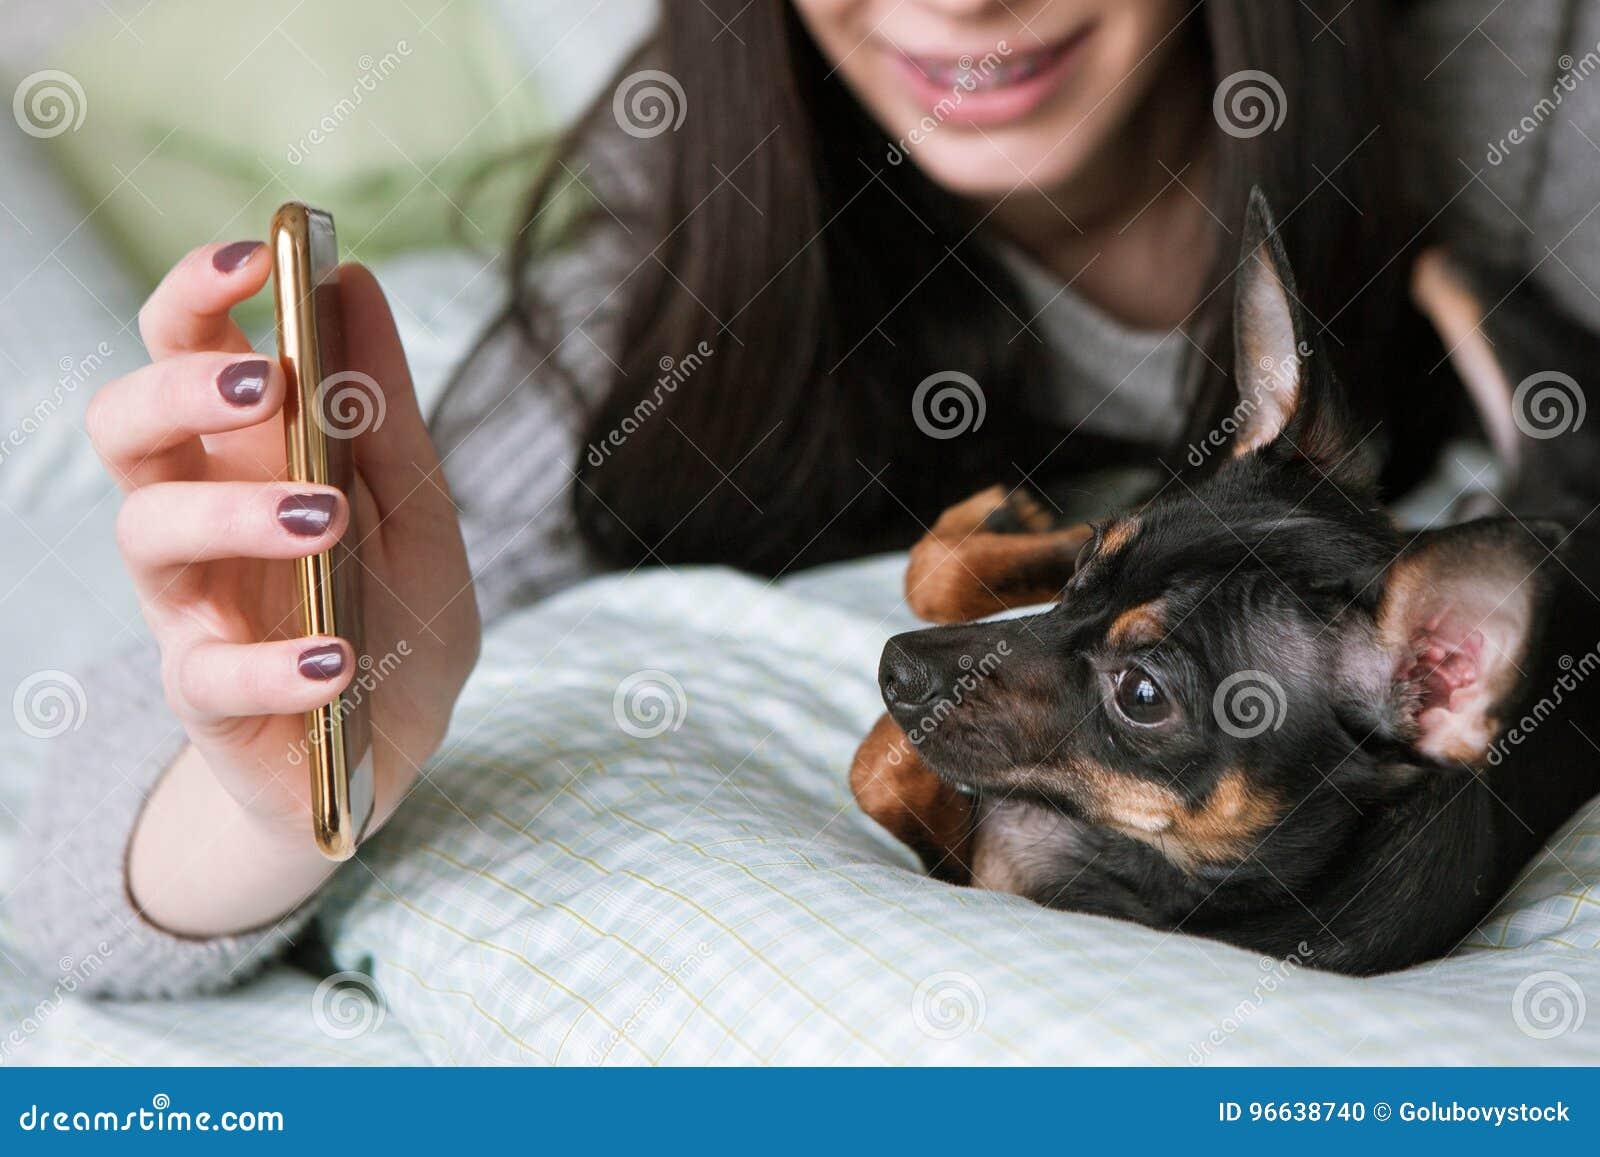 Starke Freundschaft mit kleinem Hund